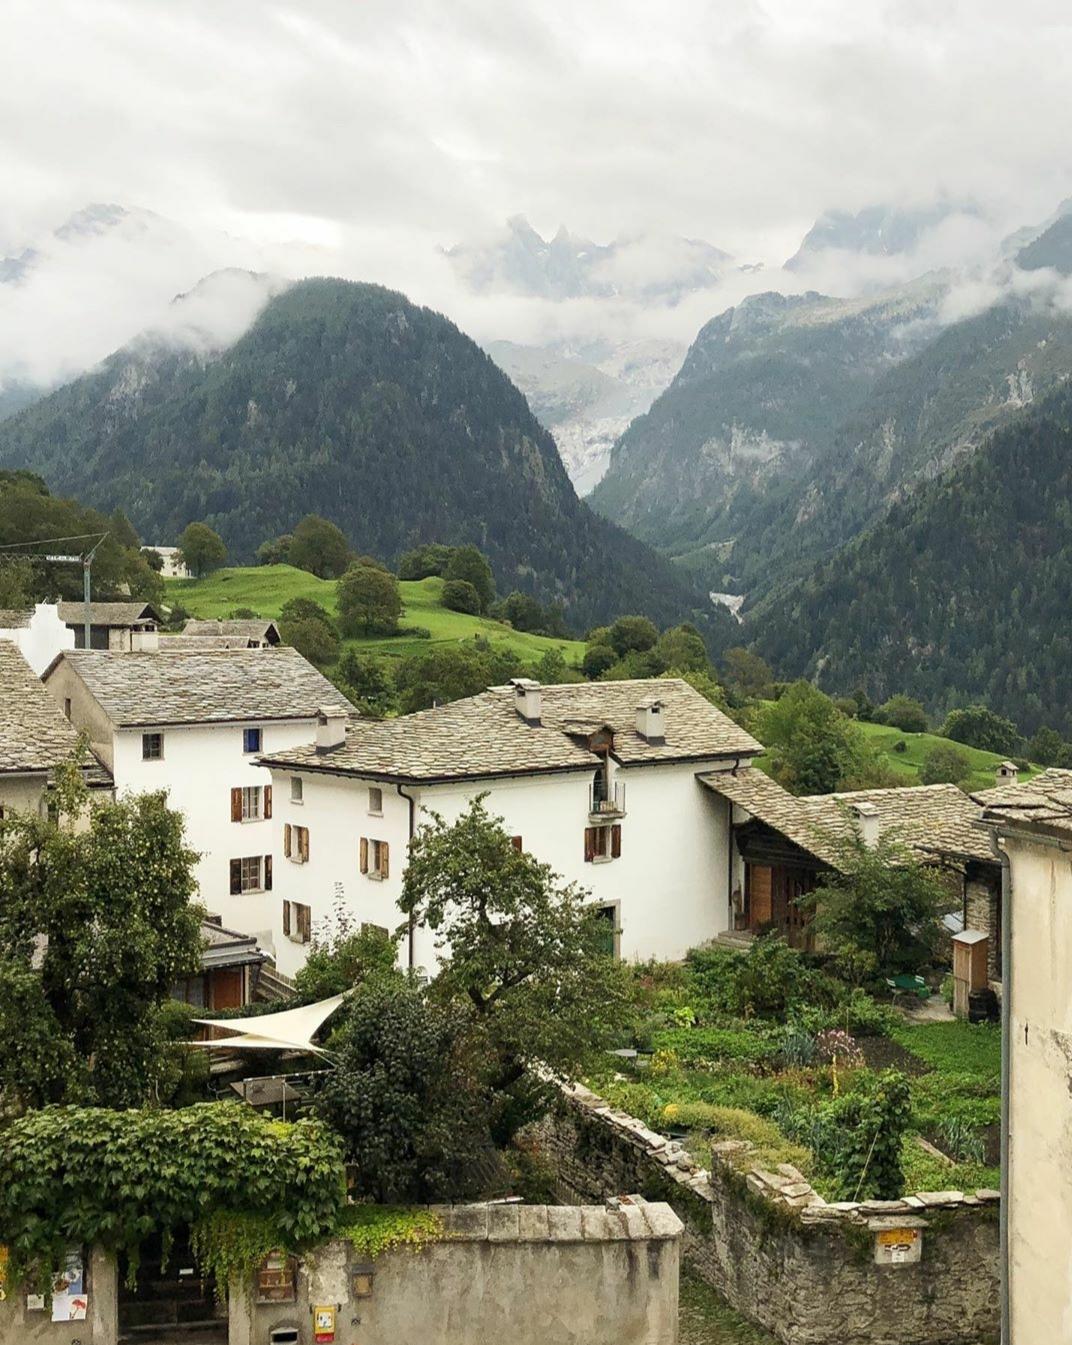 Los valles de Suiza son lugares tranquilos y llenos de actividades, perfectos para una luna de miel a la europea. @amy_merrick